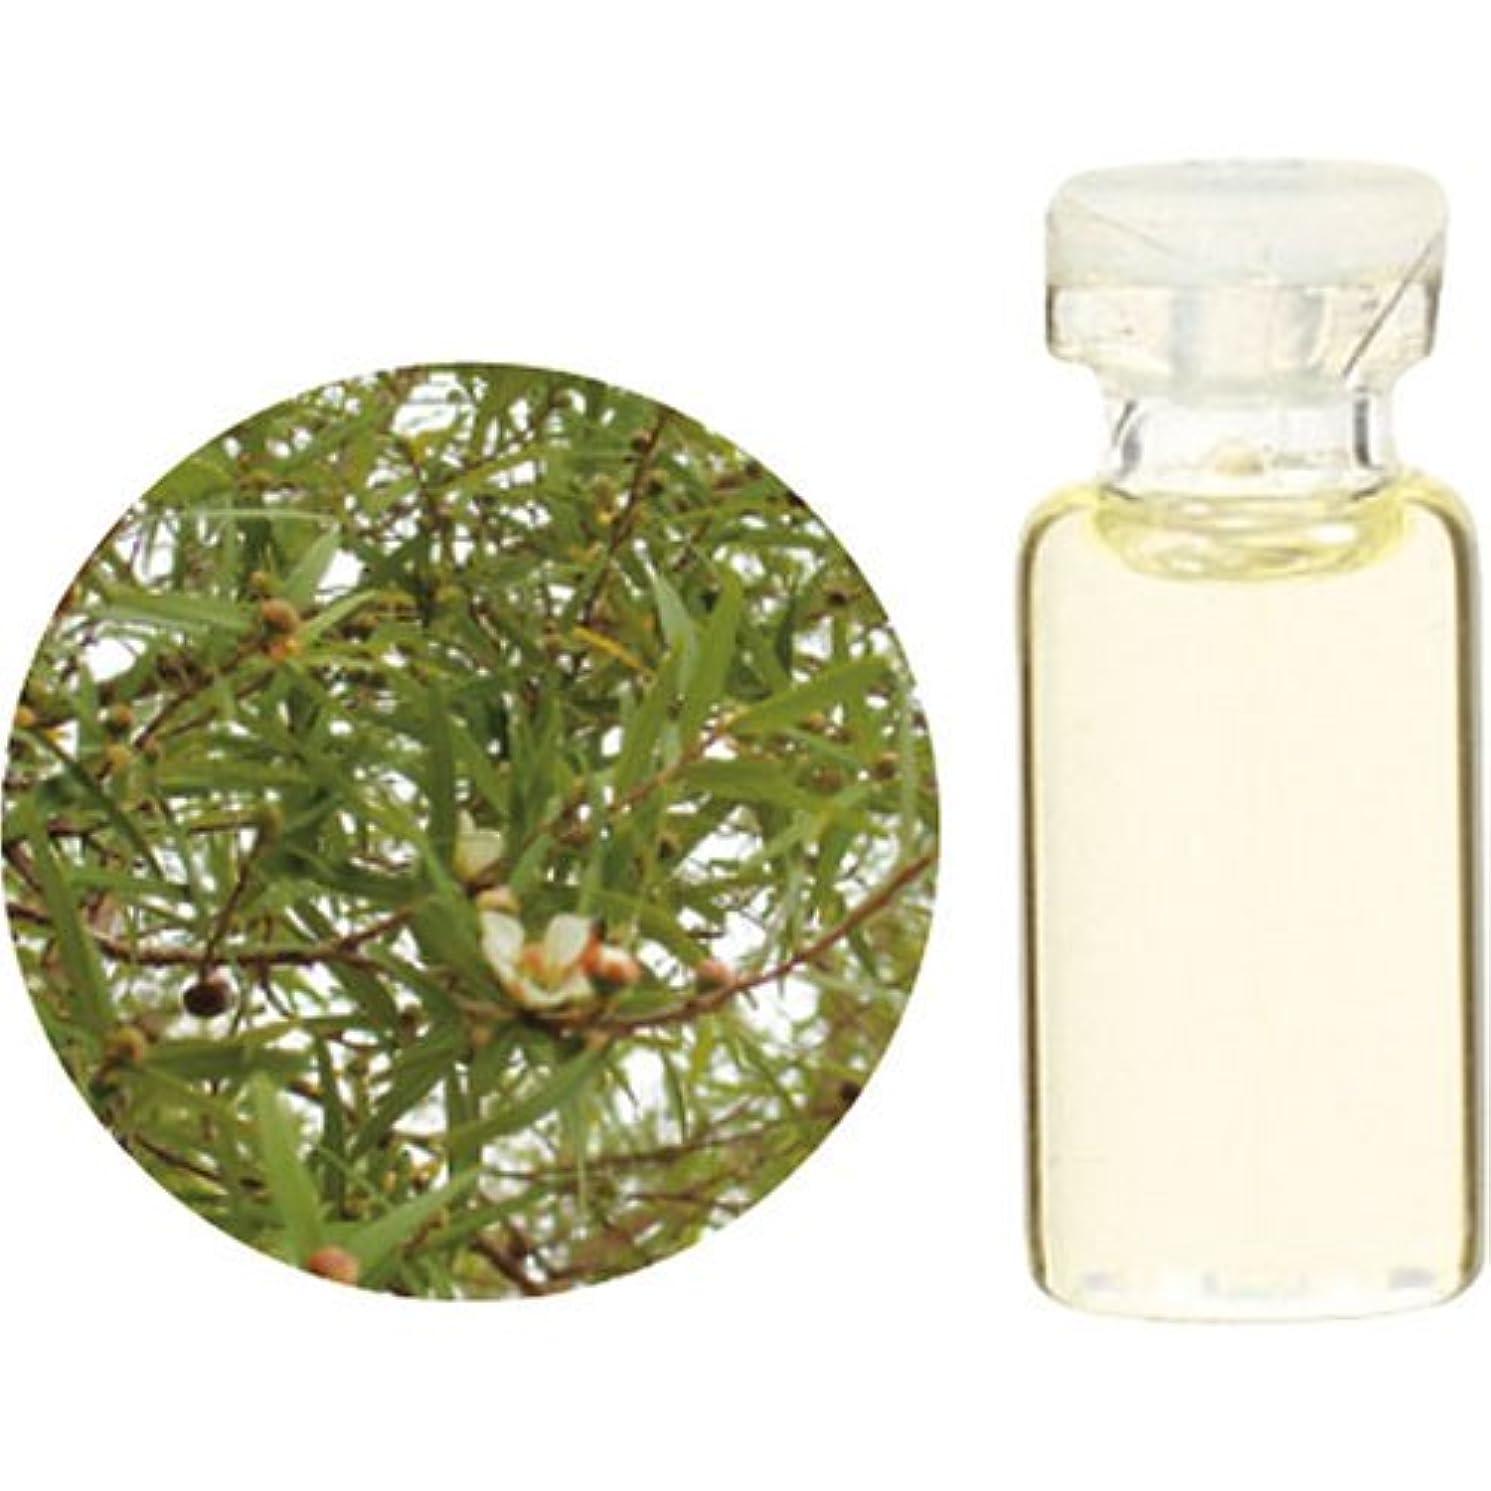 砂漠スキニー売り手Herbal Life レモンティートゥリー 10ml